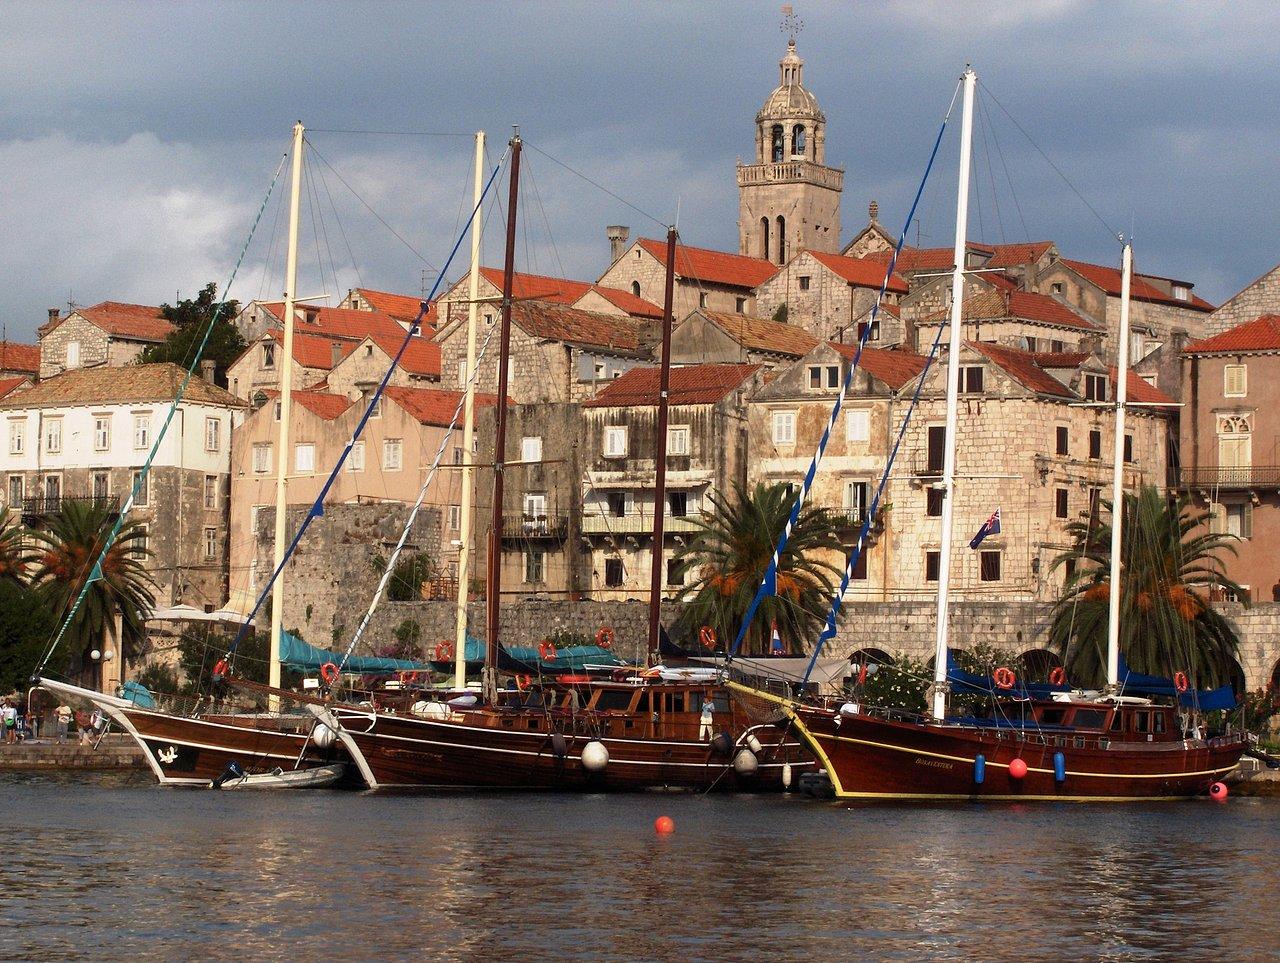 adriatic-09-075.jpg